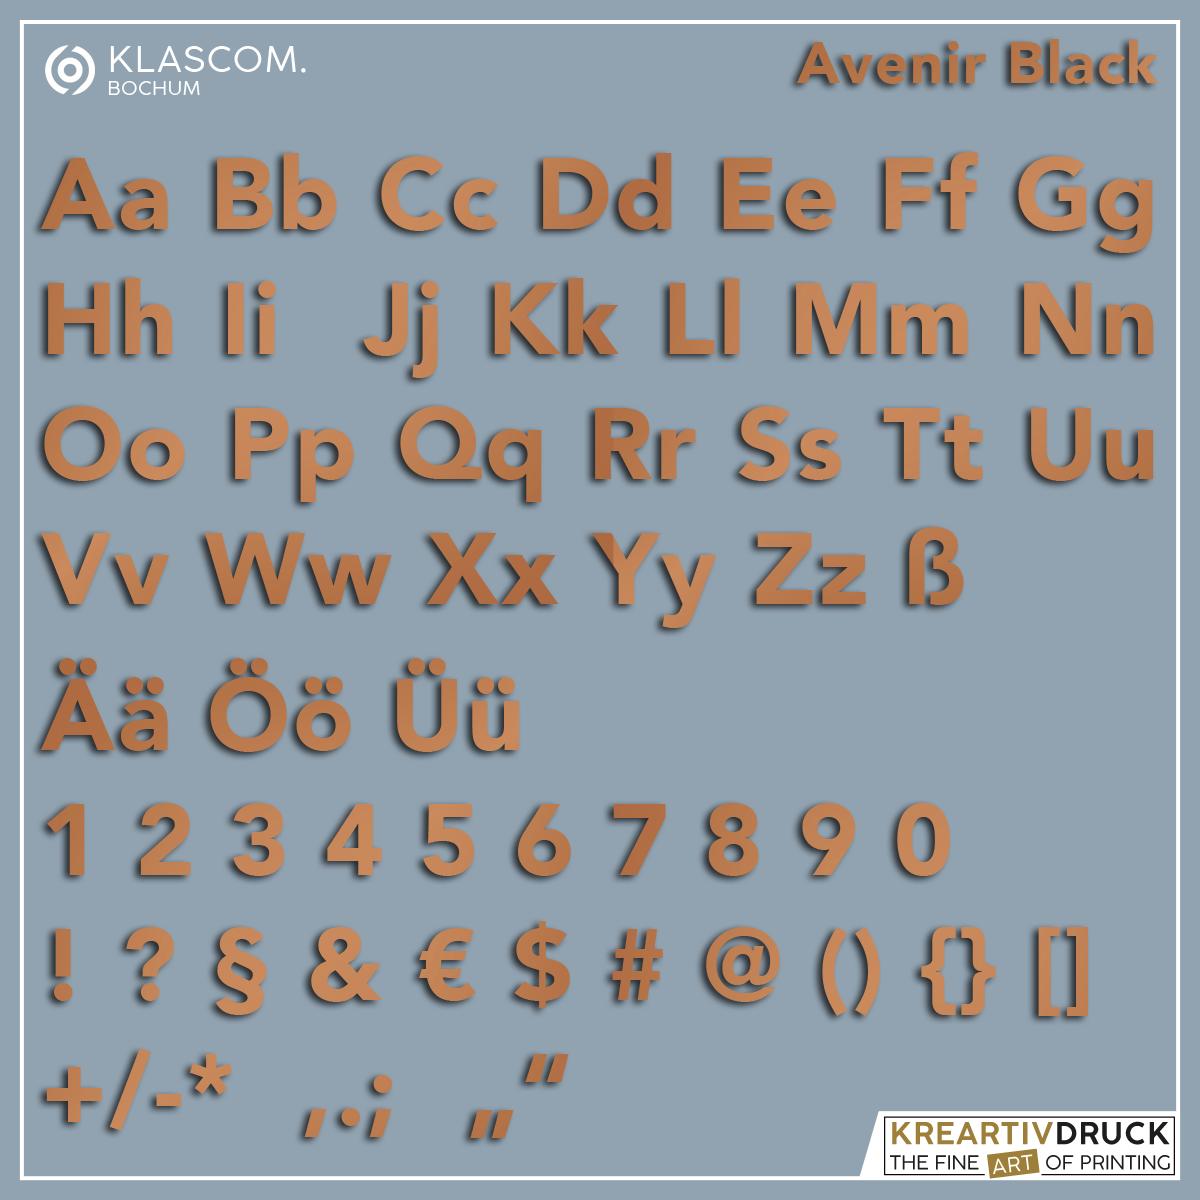 avenir-black-butlerfinish-k